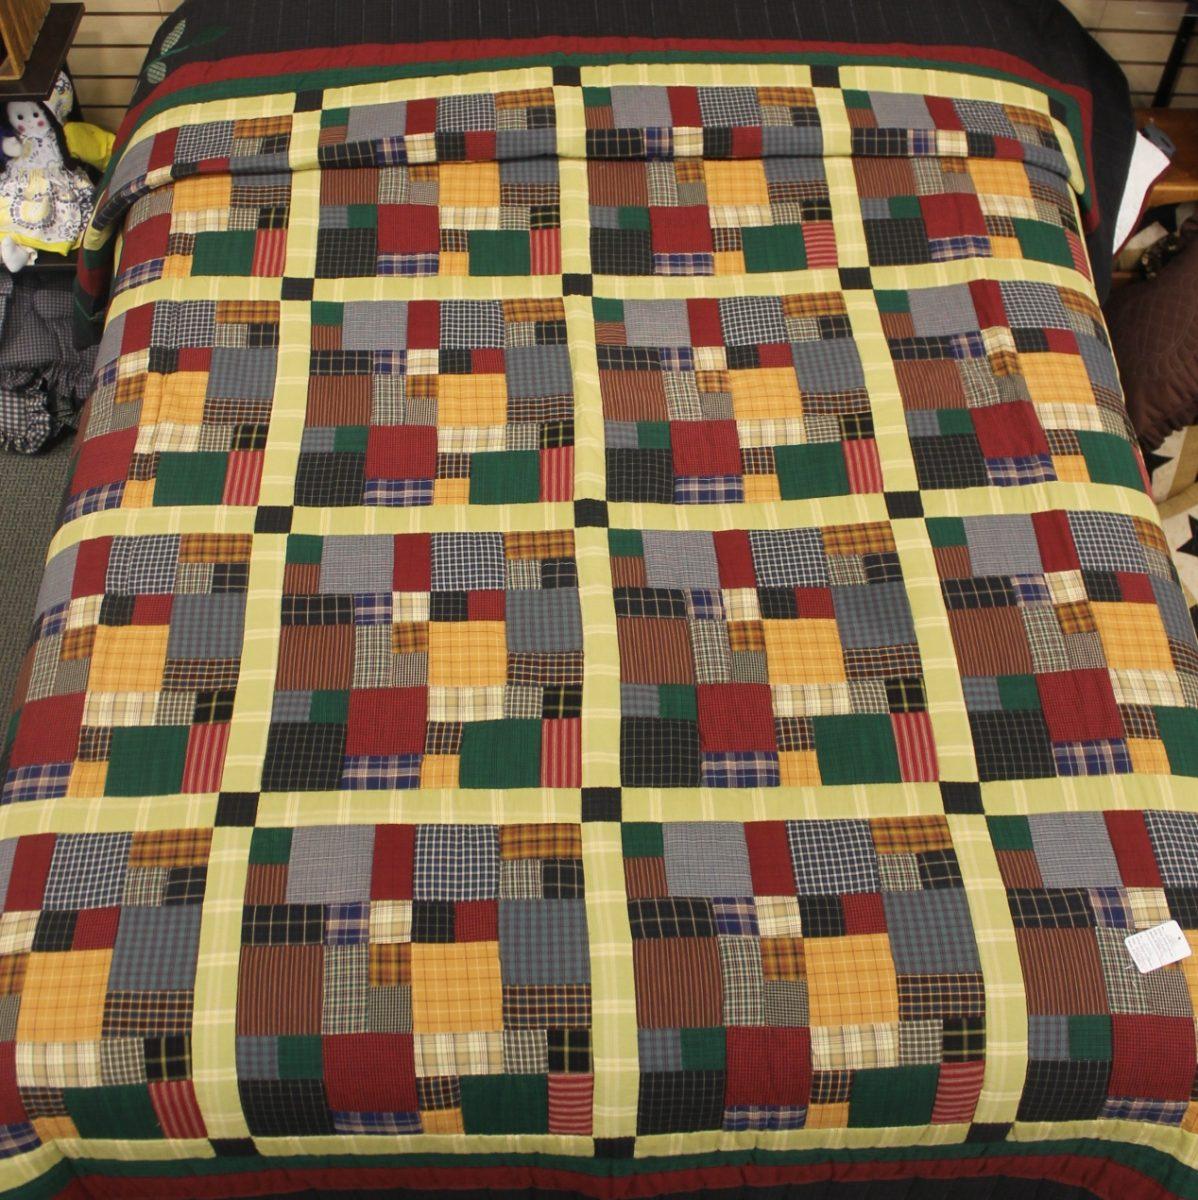 Homespun Quilt   Brick and Mortar Queen Quilt   Family Farm Quilts : homespun quilts - Adamdwight.com